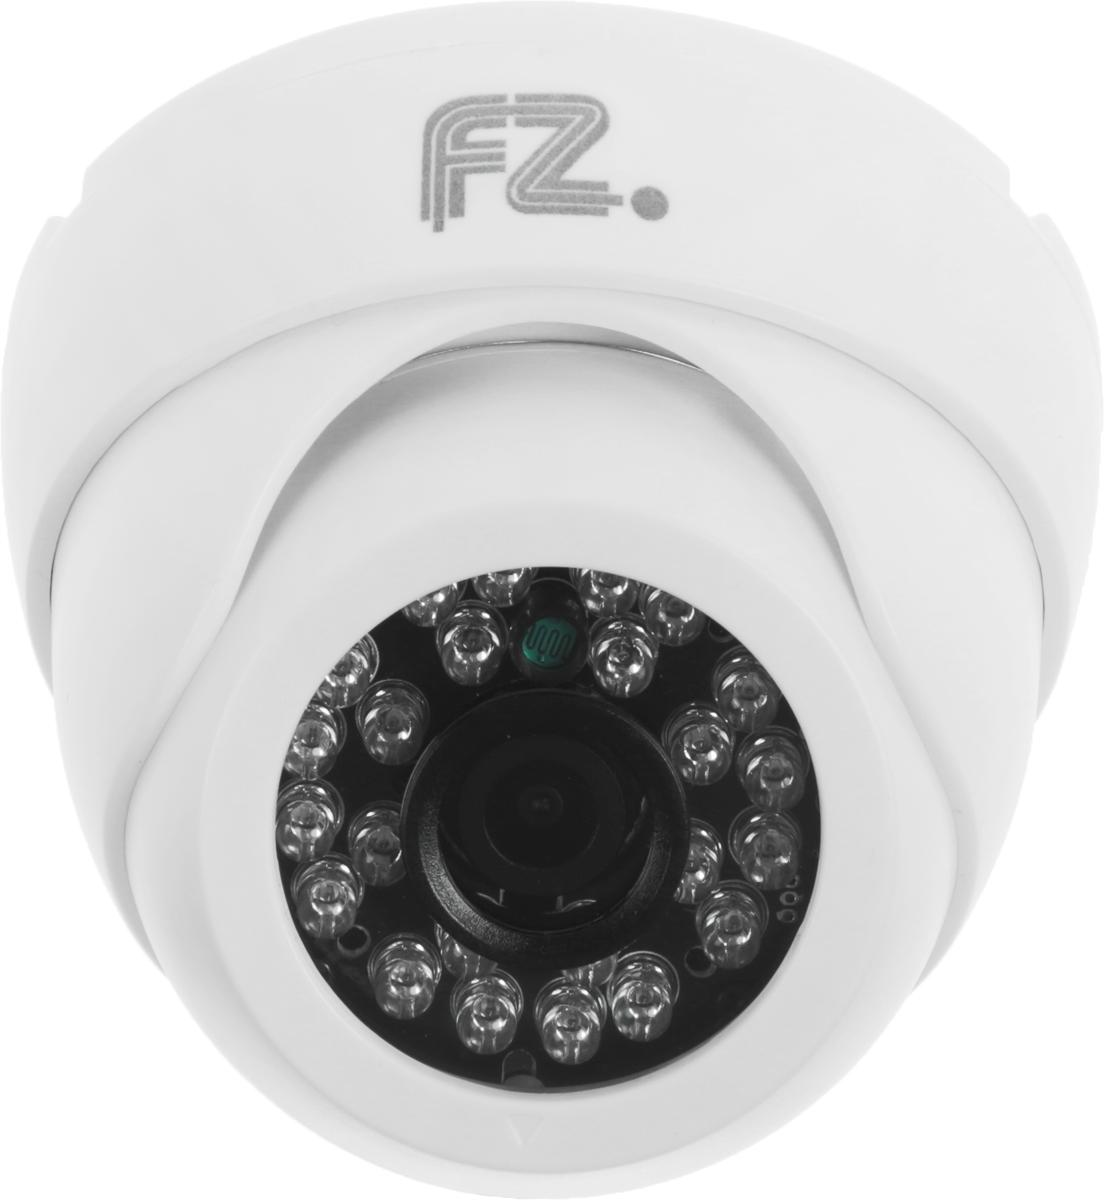 Fazera FZ-DIRP24-720 камера видеонаблюденияFZ-DIRP24-720Благодаря наличию инфракрасной подсветки дальностью 20 метров, и надежной защитой от атмосферных воздействий в широком диапазоне температур, камера видеонаблюдения Fazera FZ-DIRP24-720 может эксплуатироваться в различных типах помещений.В основе камеры матрица 1/4 CMOS OmniVision OV9712 и процессор HiSilicon HI3518E благодаря чему уличная IP-камера Fazera FZ-DIRP24-720 формирует изображение с разрешением до 1280x720 пикселей, с качественной цветопередачей и повышенной контрастностью, что позволяет использовать видеокамеру на объектах с высокими требованиями к качеству видеосигнала, и в системах с видеоаналитикой.Матрица: 1/4 CMOS OmniVision OV9712Процессор: HiSilicon HI3518EМеханический ИК-фильтр с автопереключениемНастройки яркости, контраста, насыщенности через клиентское ПО или веб браузерКак выбрать камеру видеонаблюдения для дома. Статья OZON Гид